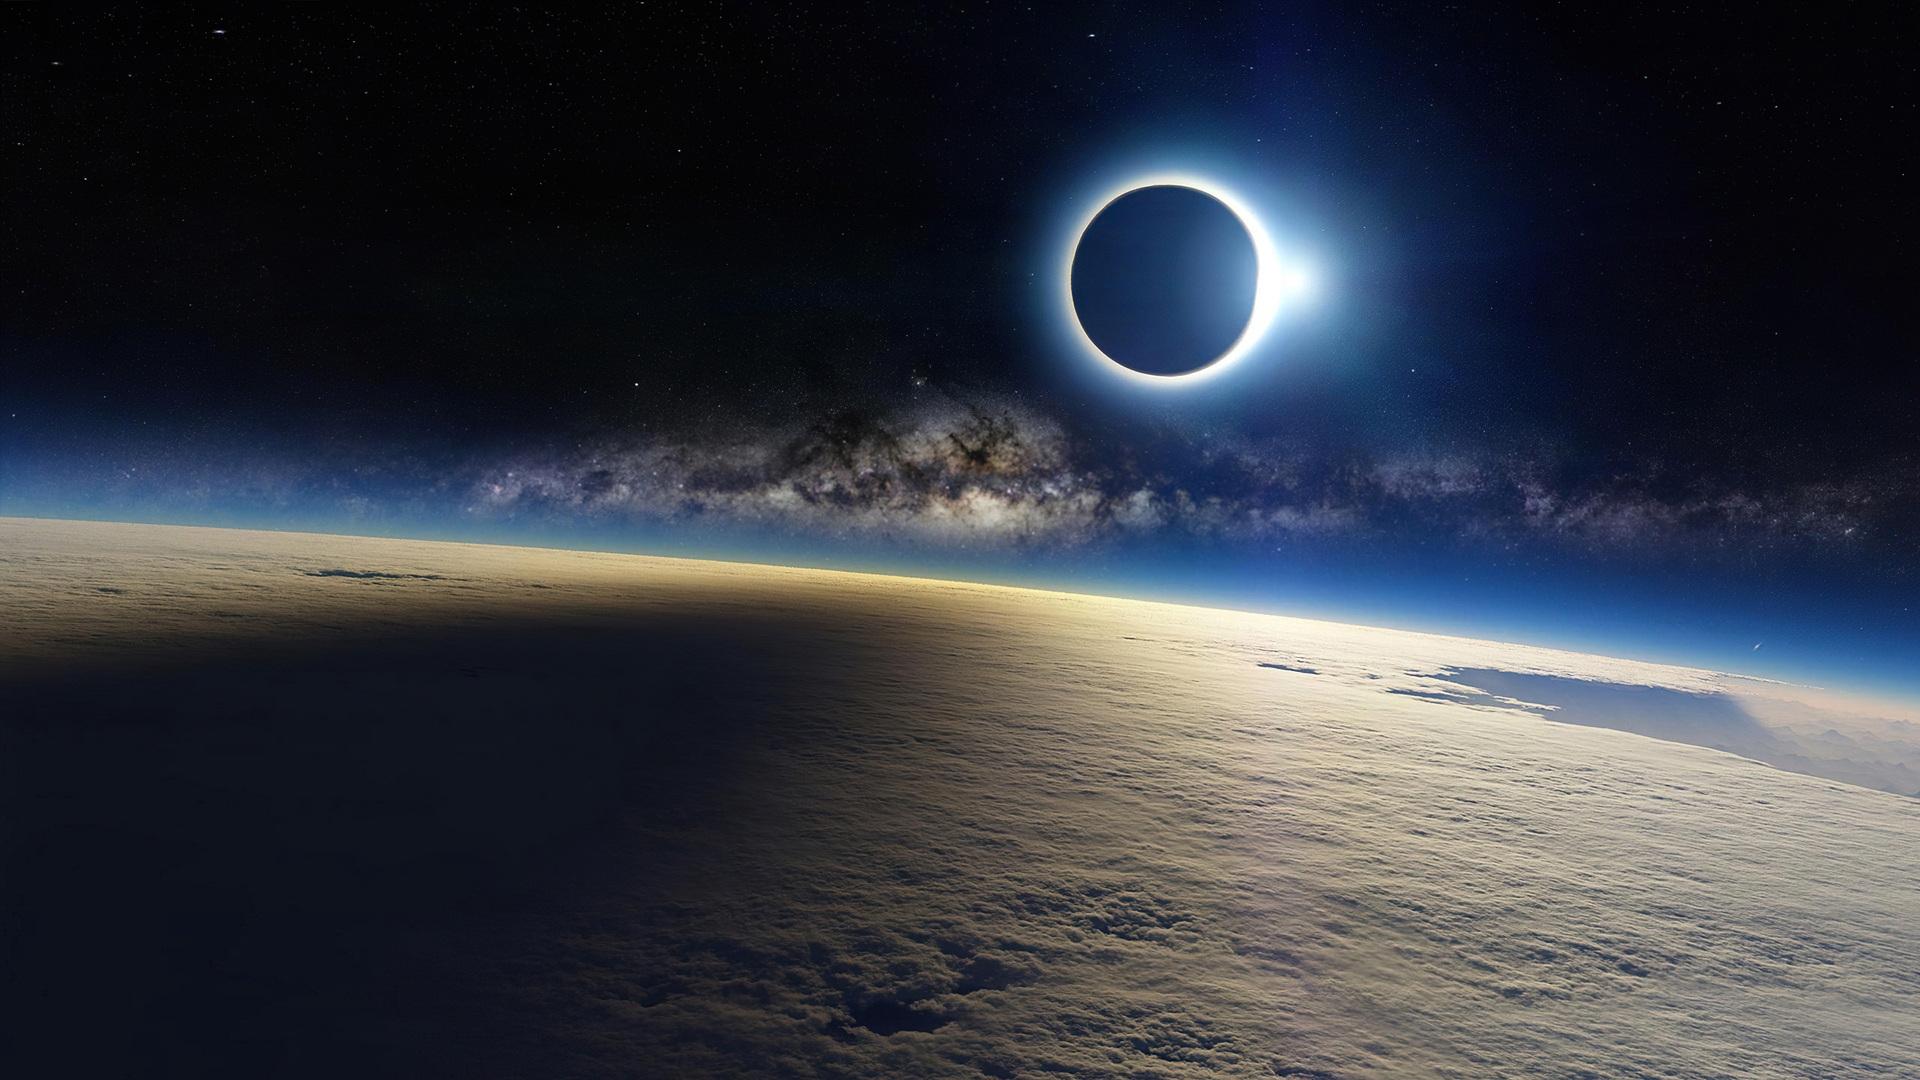 lunar-sky-space-4k-x2.jpg